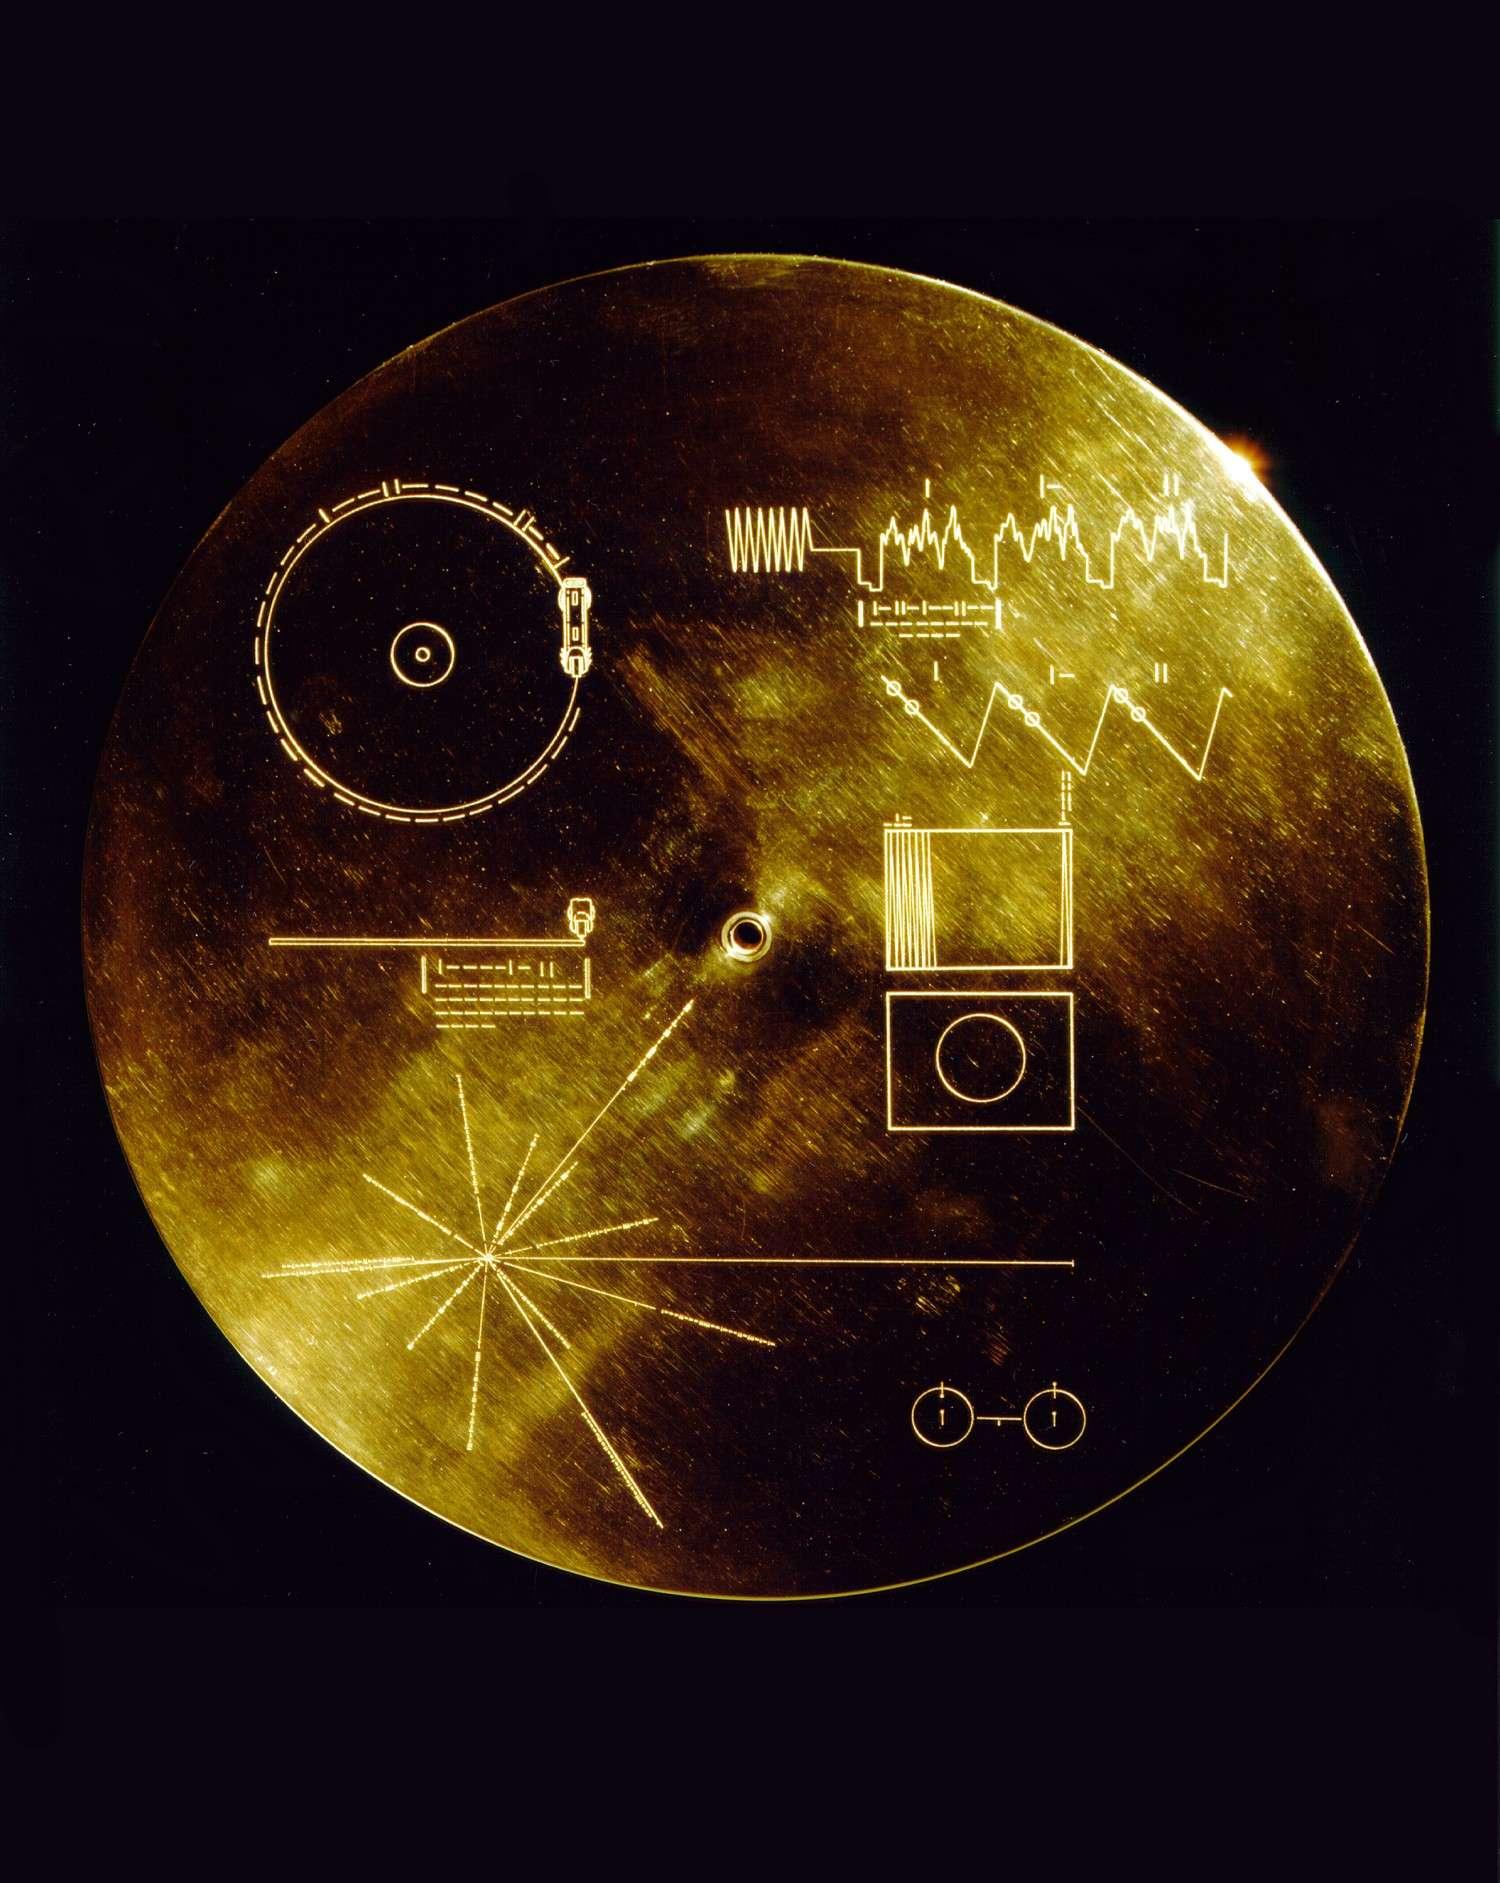 Les deux sondes Voyager emportent avec elles le Voyager Golden Record, un disque rempli de sons et d'images terrestres à l'attention d'éventuelles civilisations extraterrestres. © Nasa